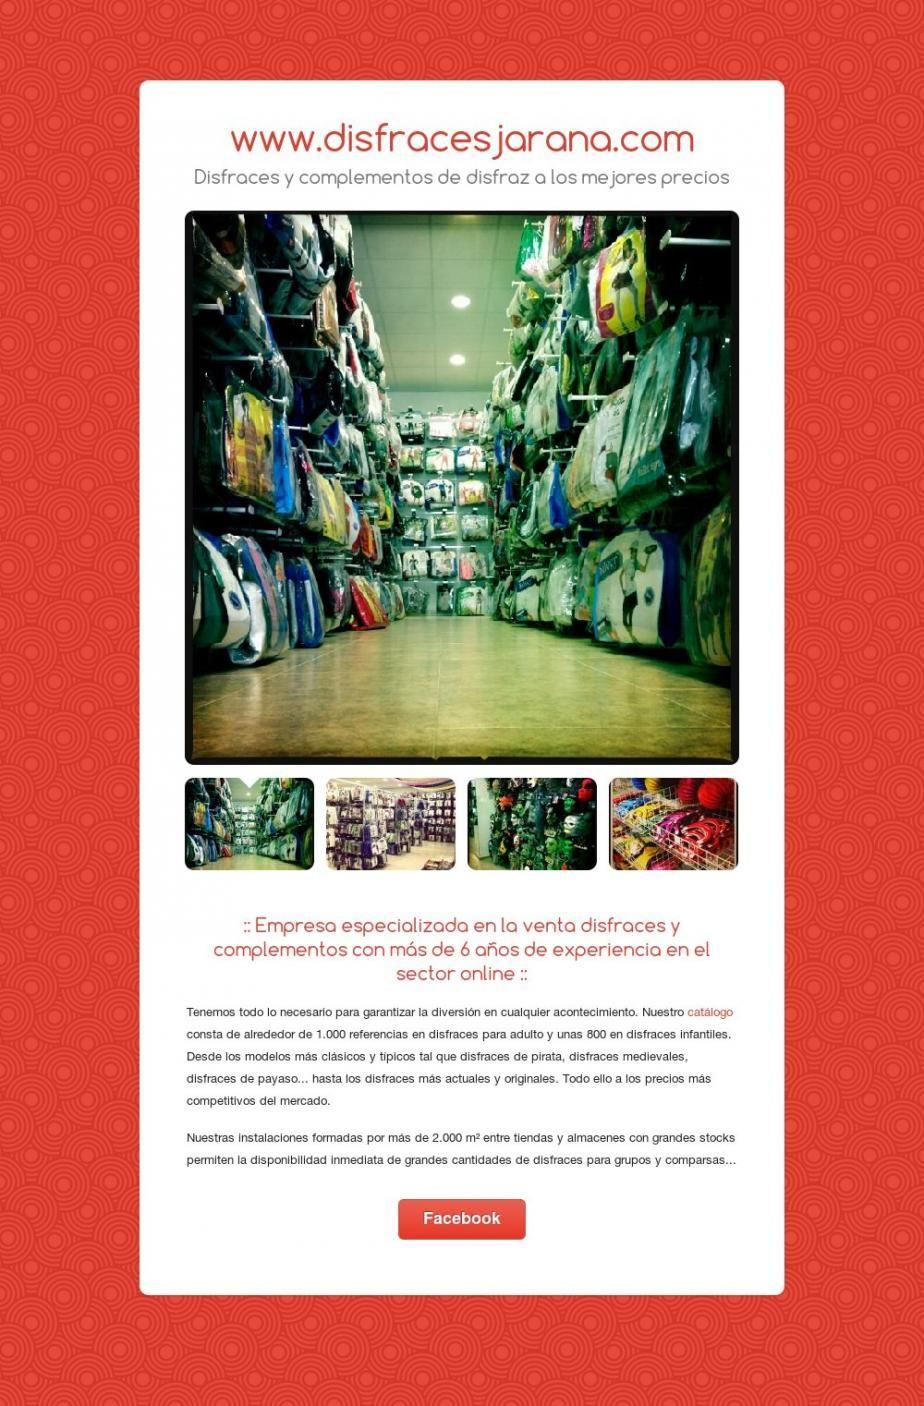 Asombroso Kits Del Arte Del Uña Para La Venta Imagen - Ideas de ...